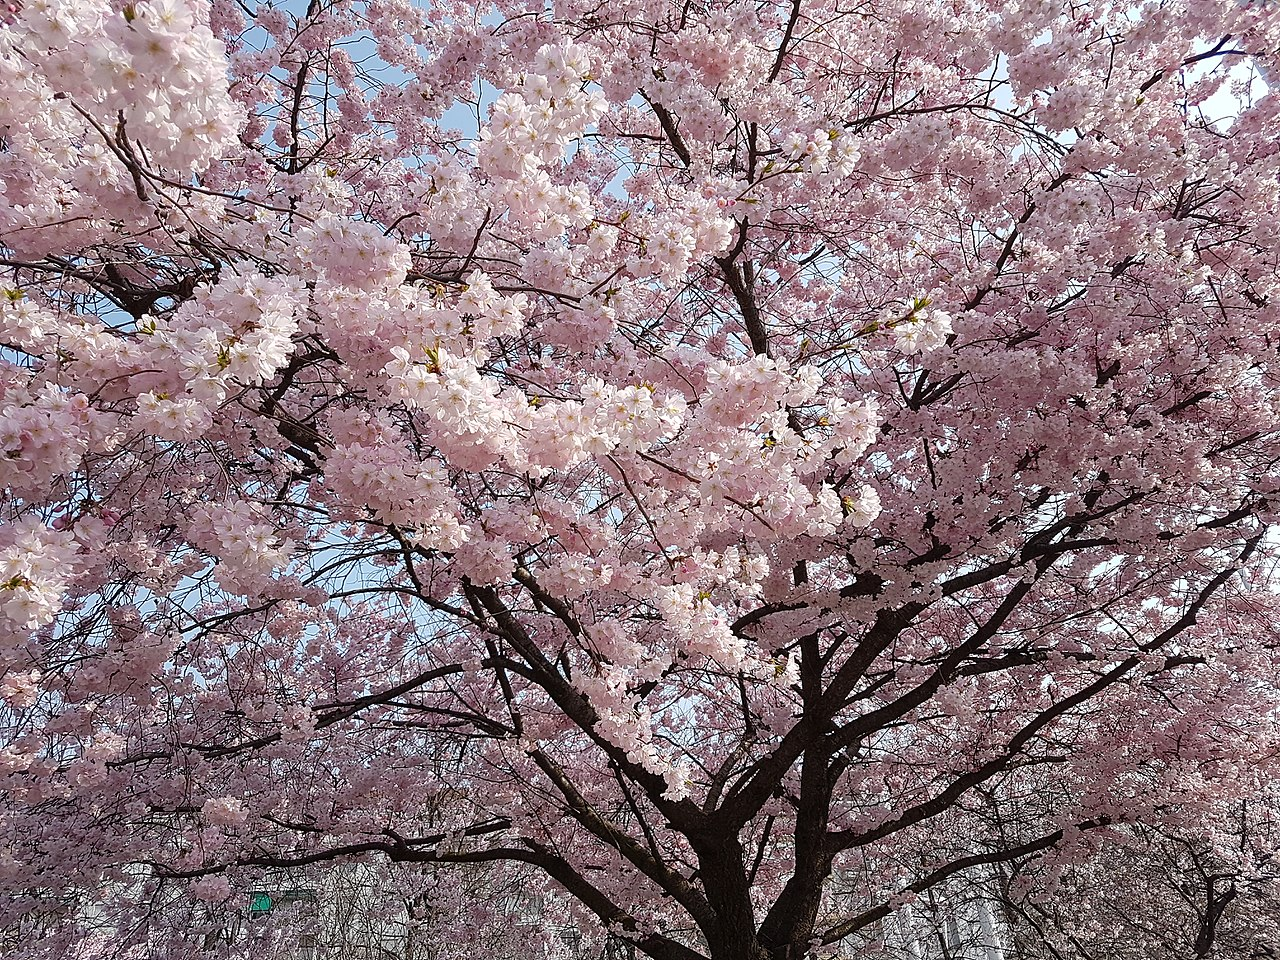 Albero Con Fiori Bianchi file:albero con fiori rosa - wikimedia commons